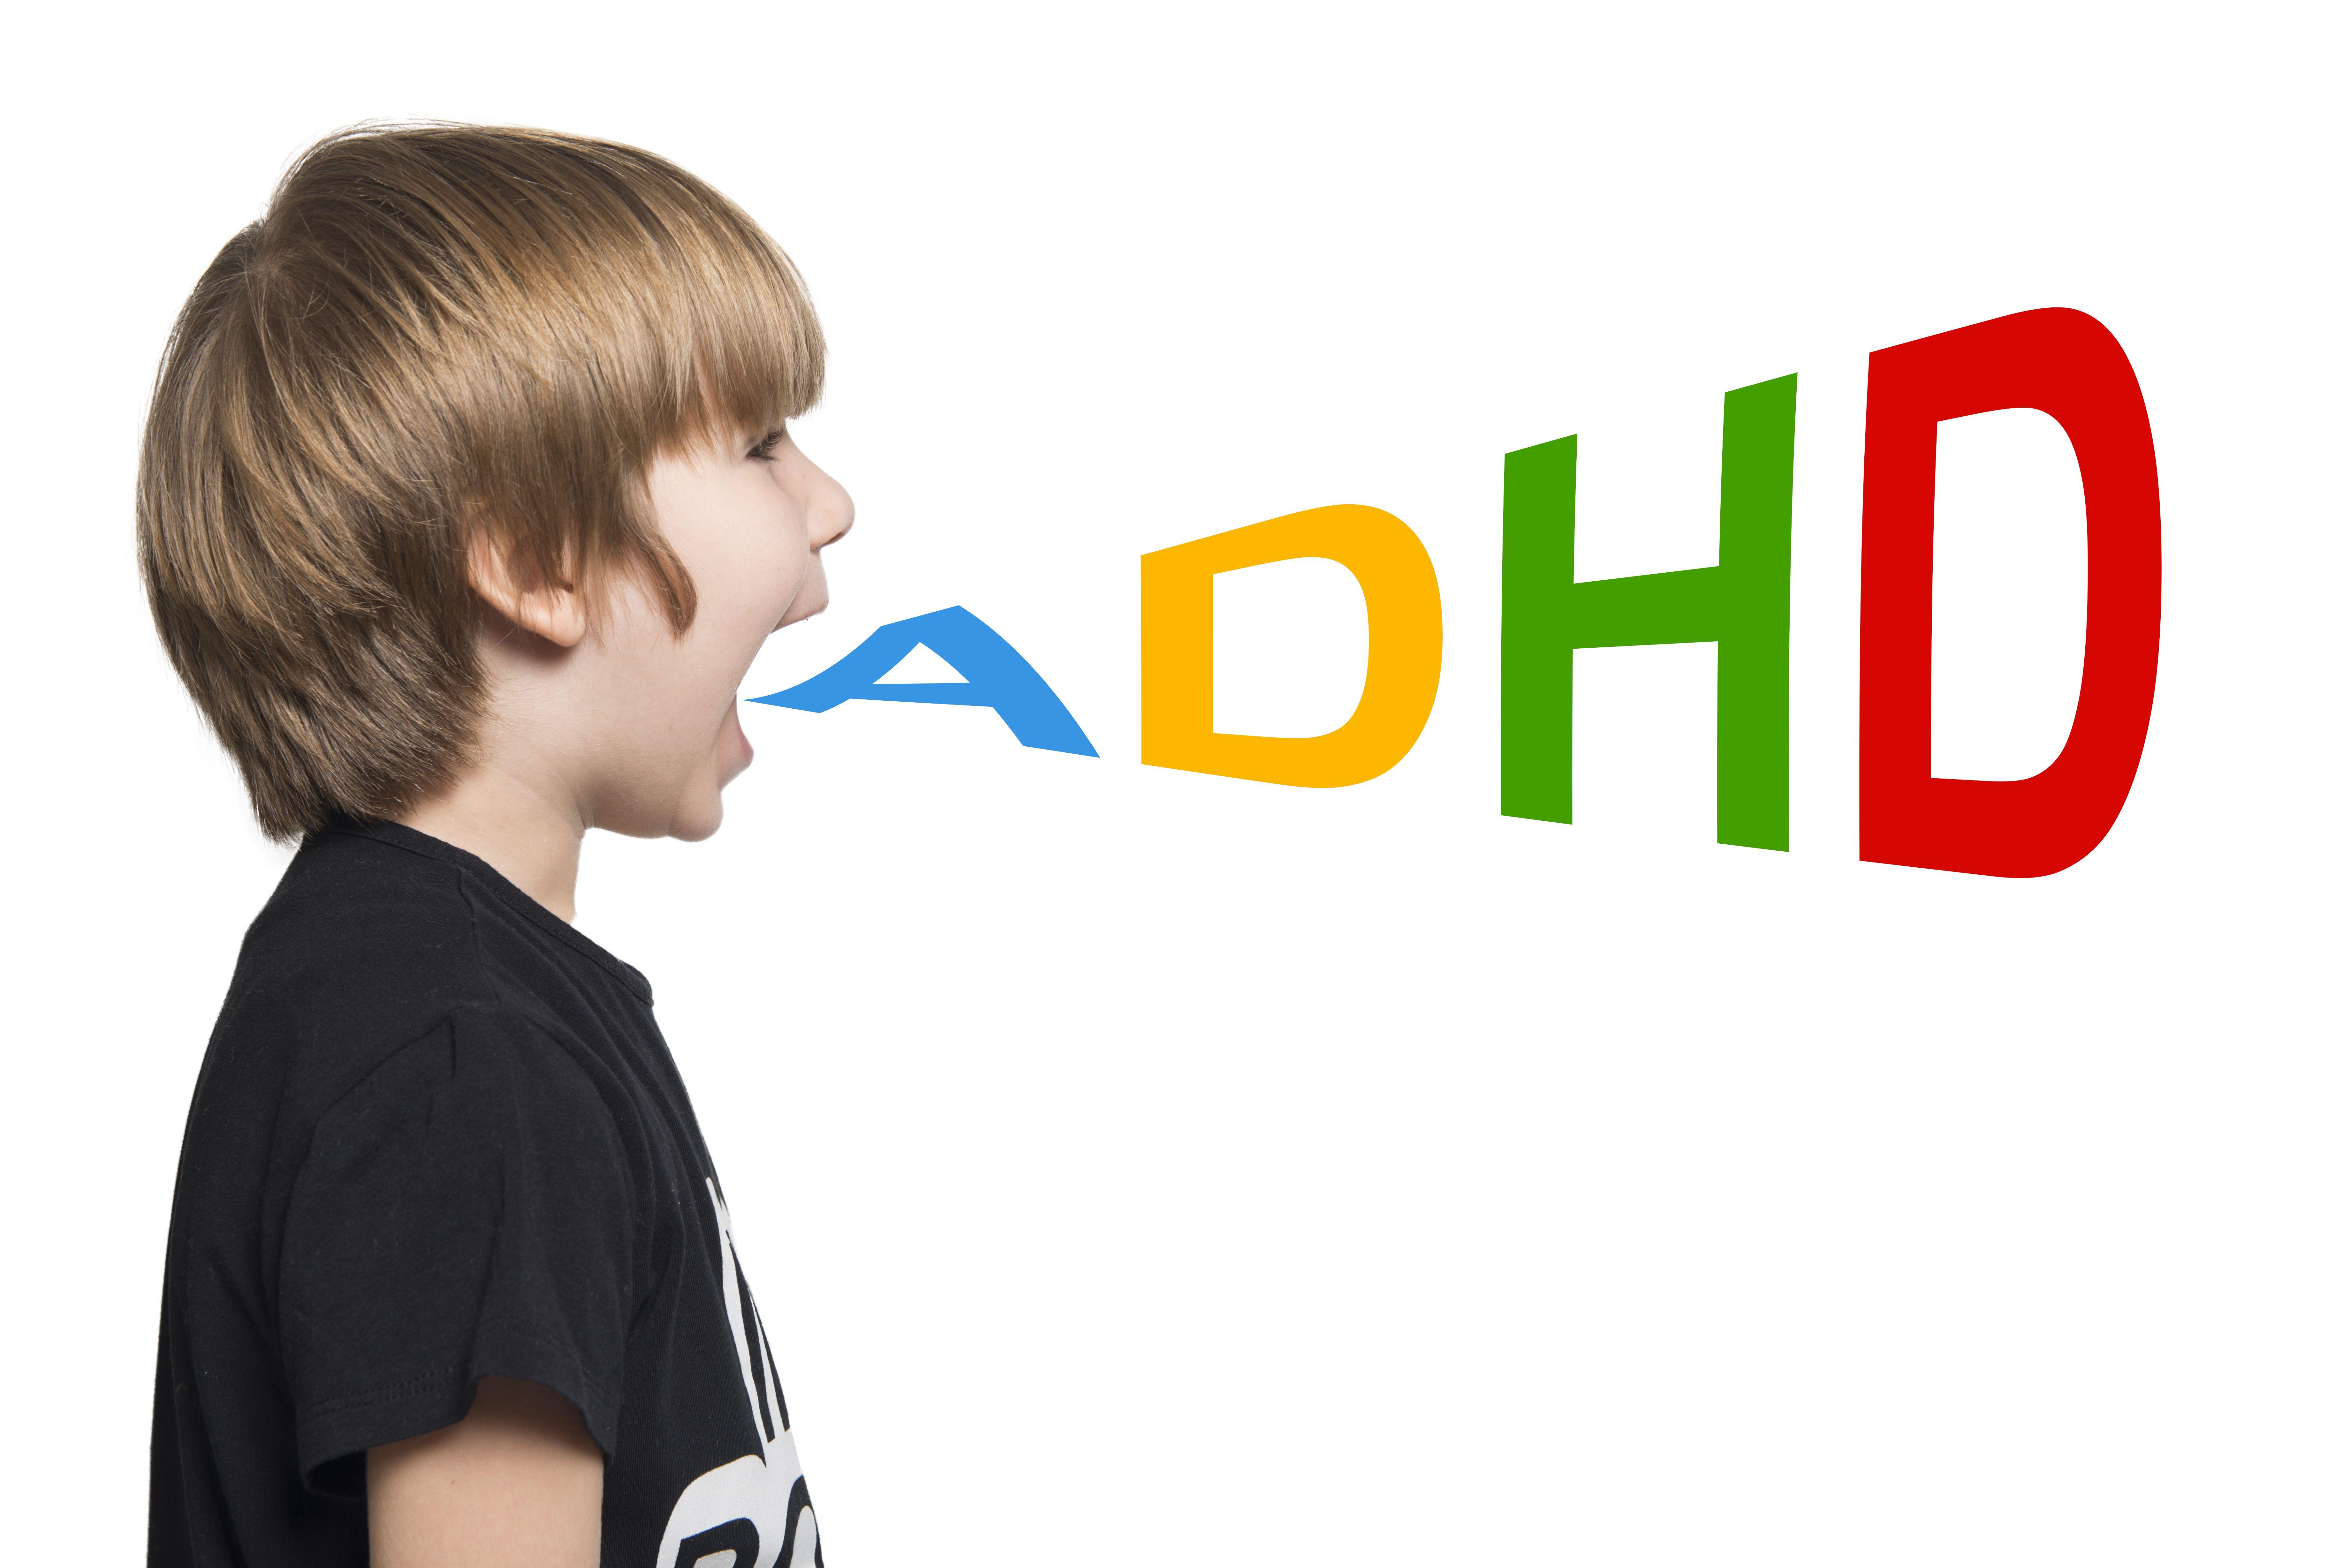 Trastornos del lenguaje: Centro de psicología de Centro de Psicología Optimiza